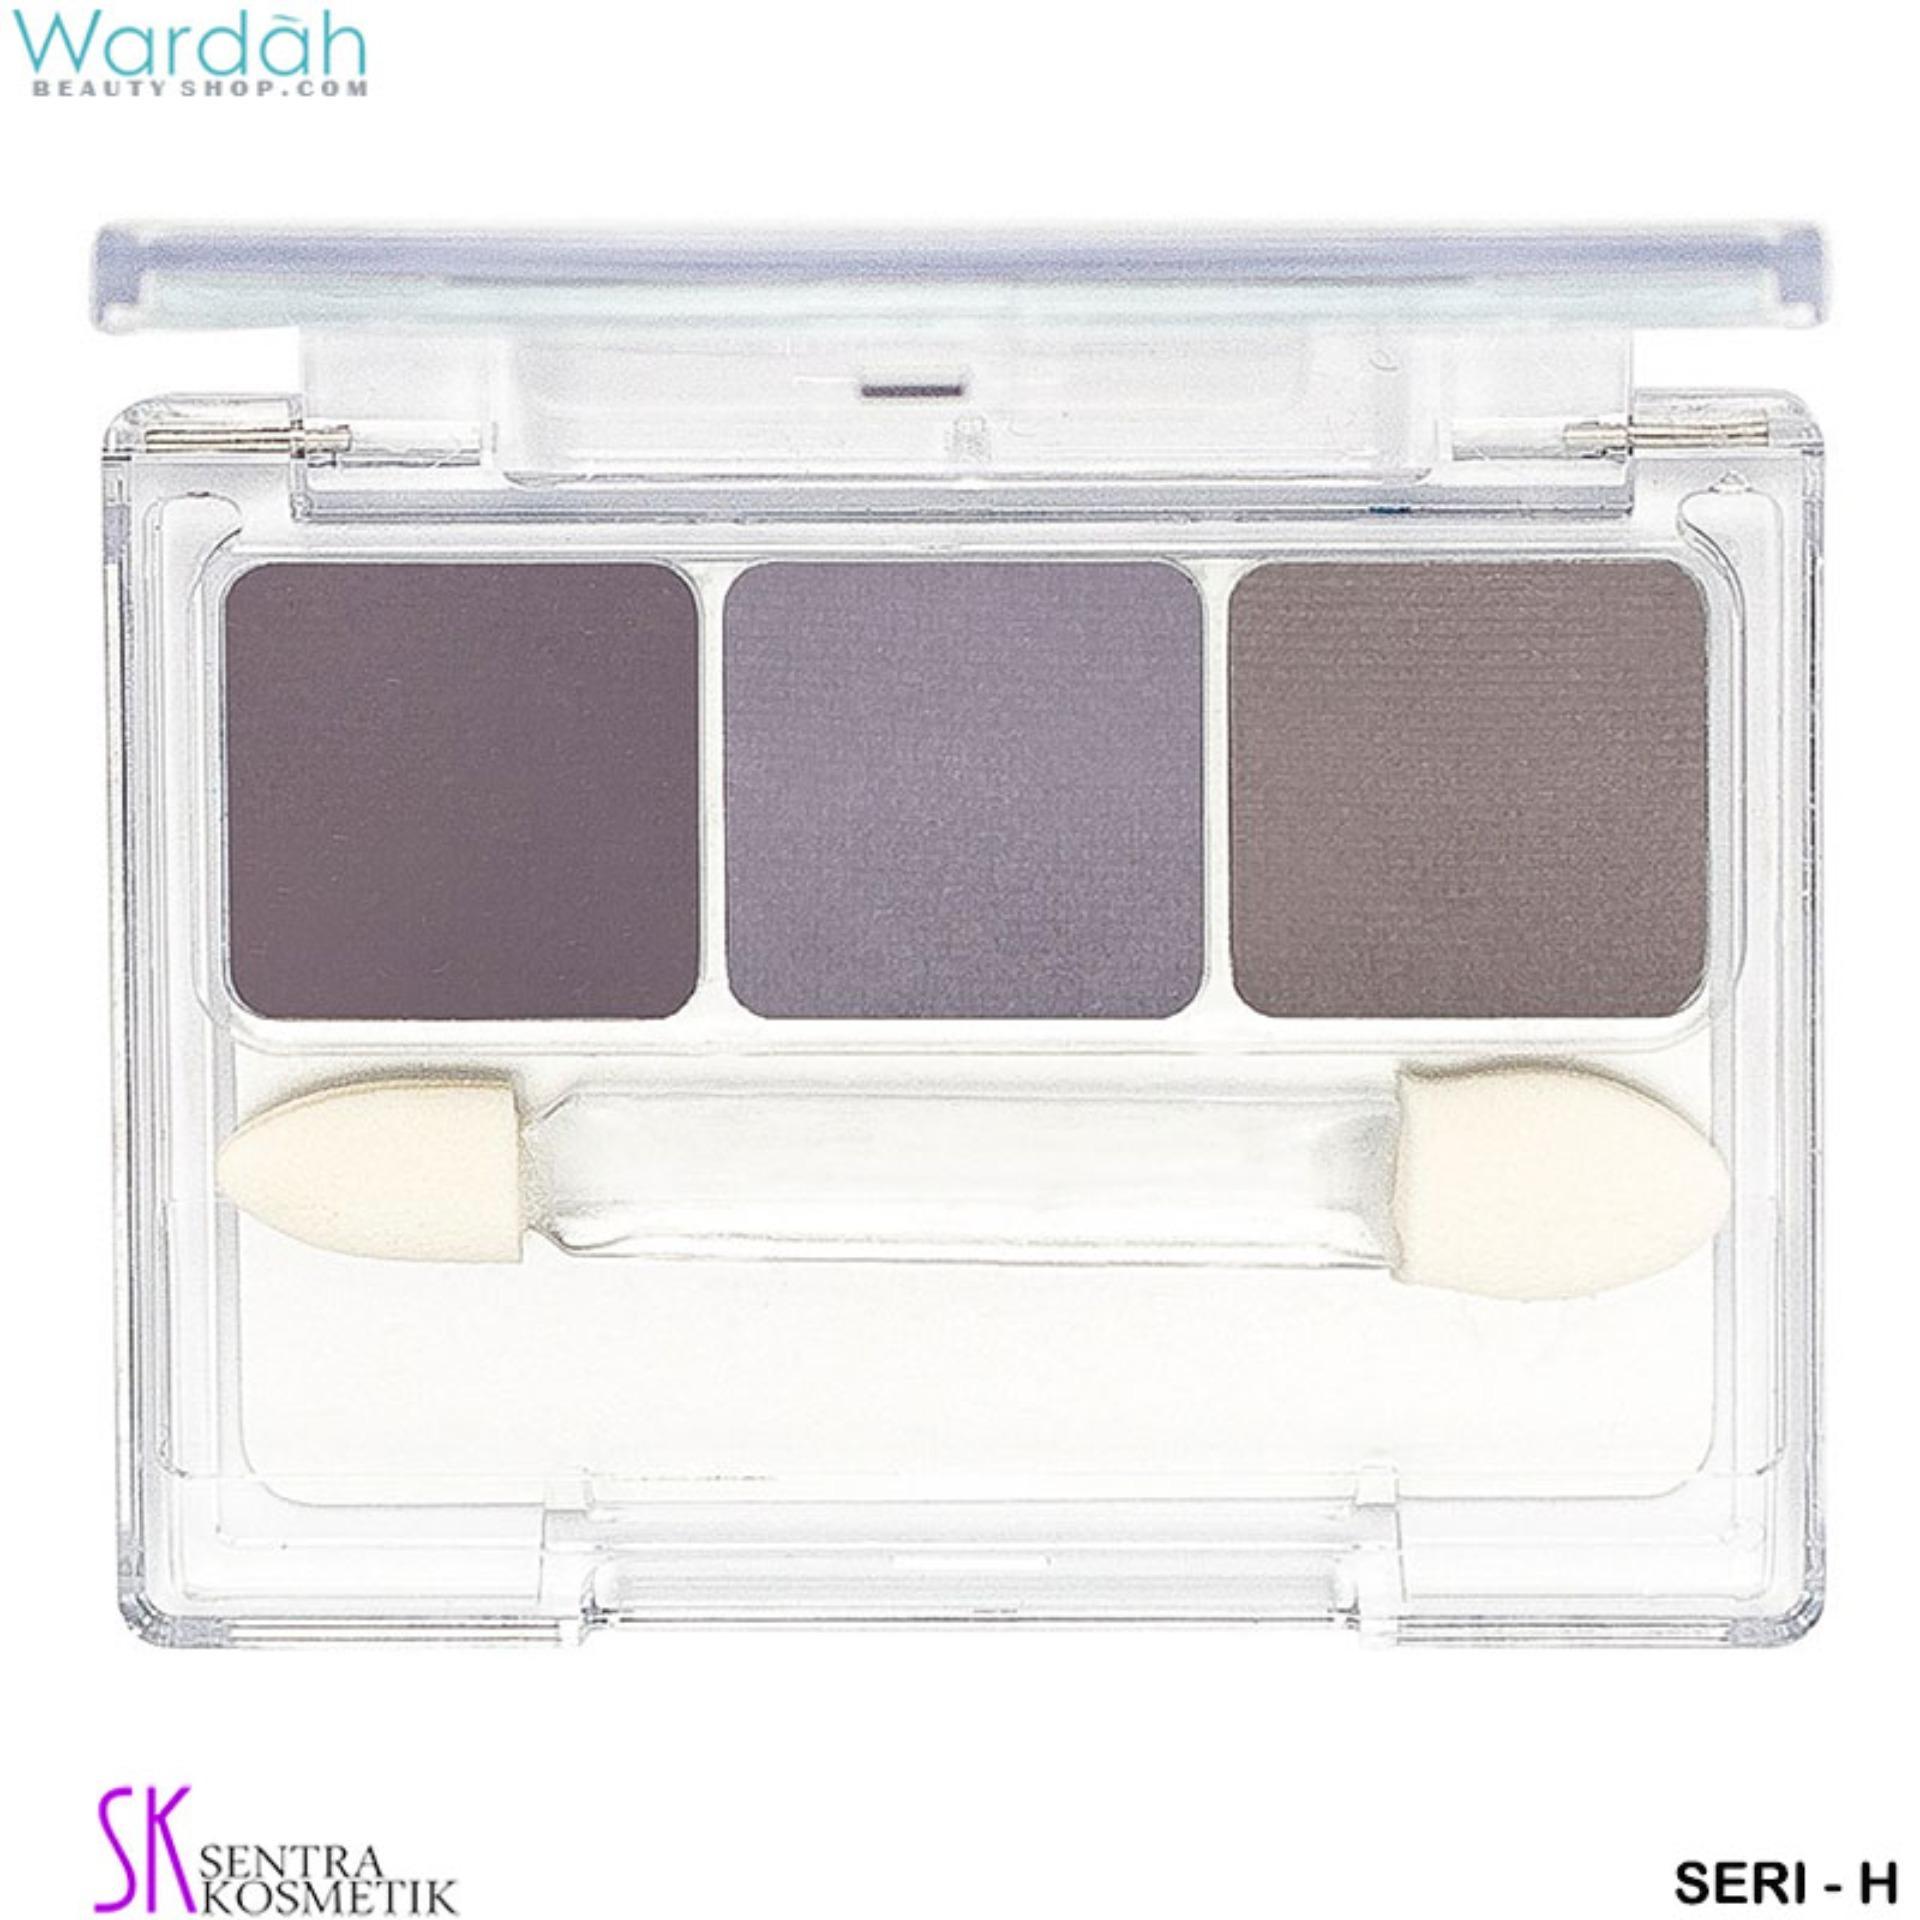 Wardah EyeShadow - H